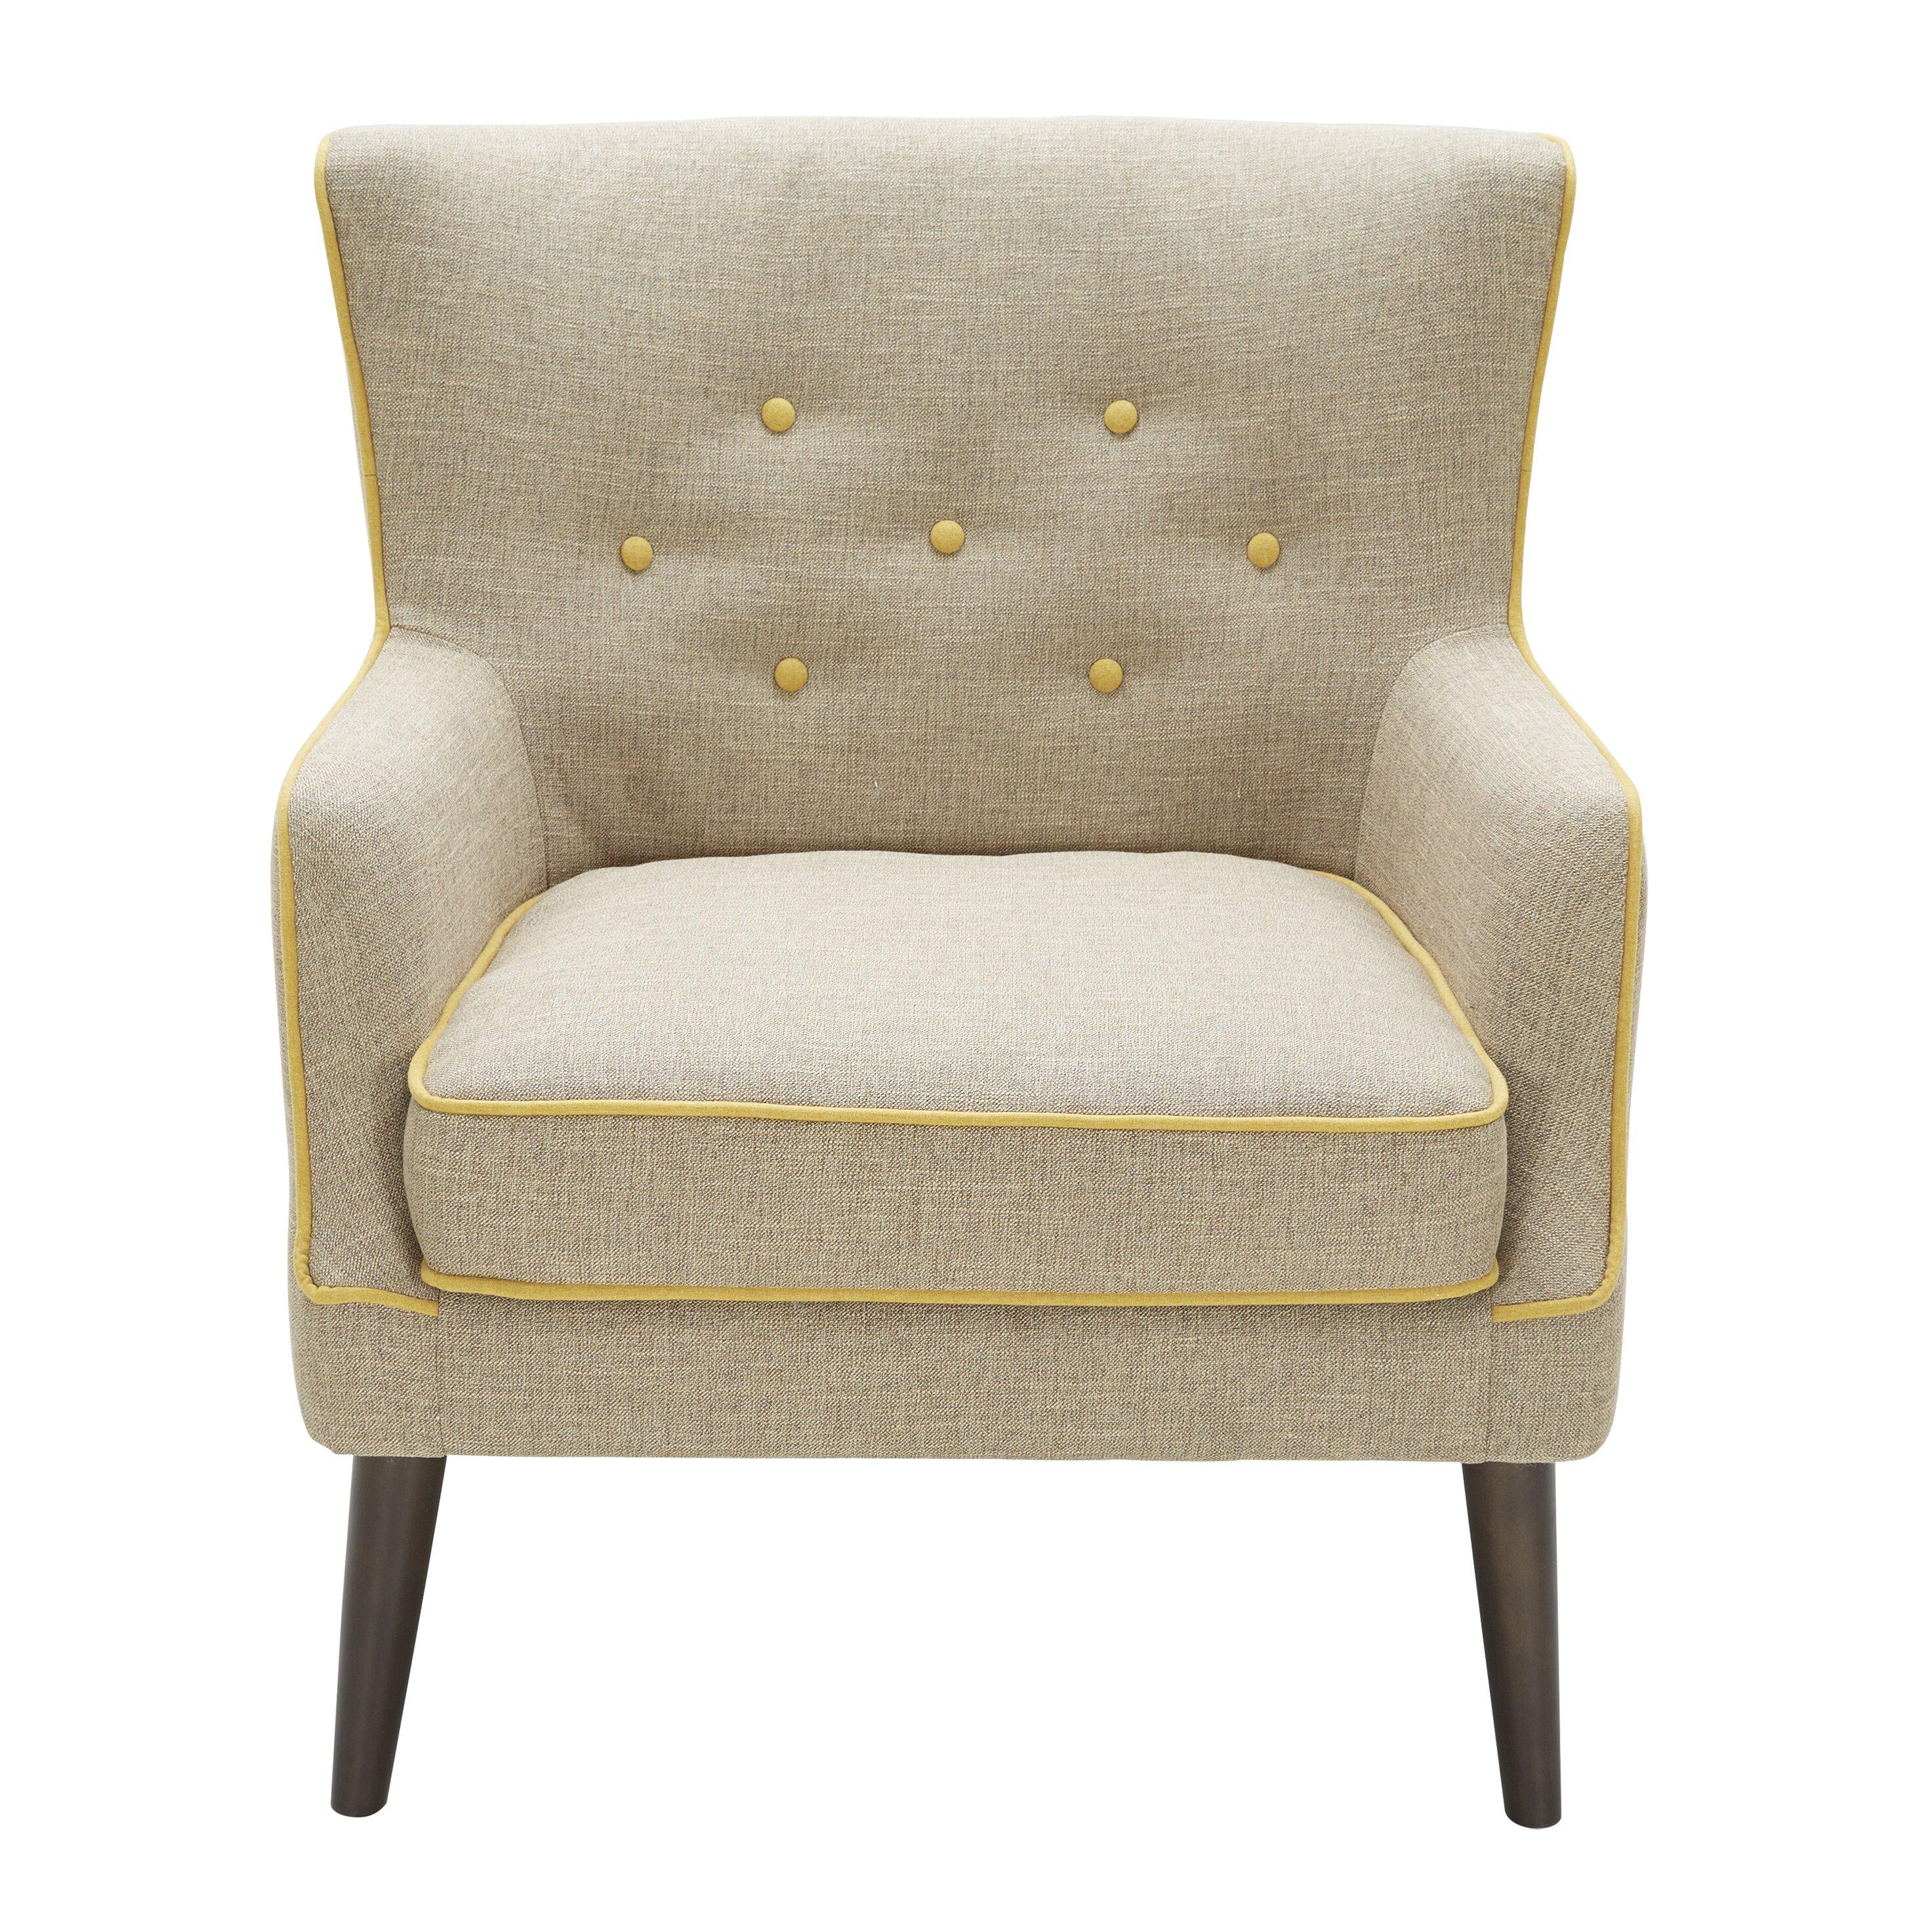 Brayden Studio Castor Accent Chair Wayfair